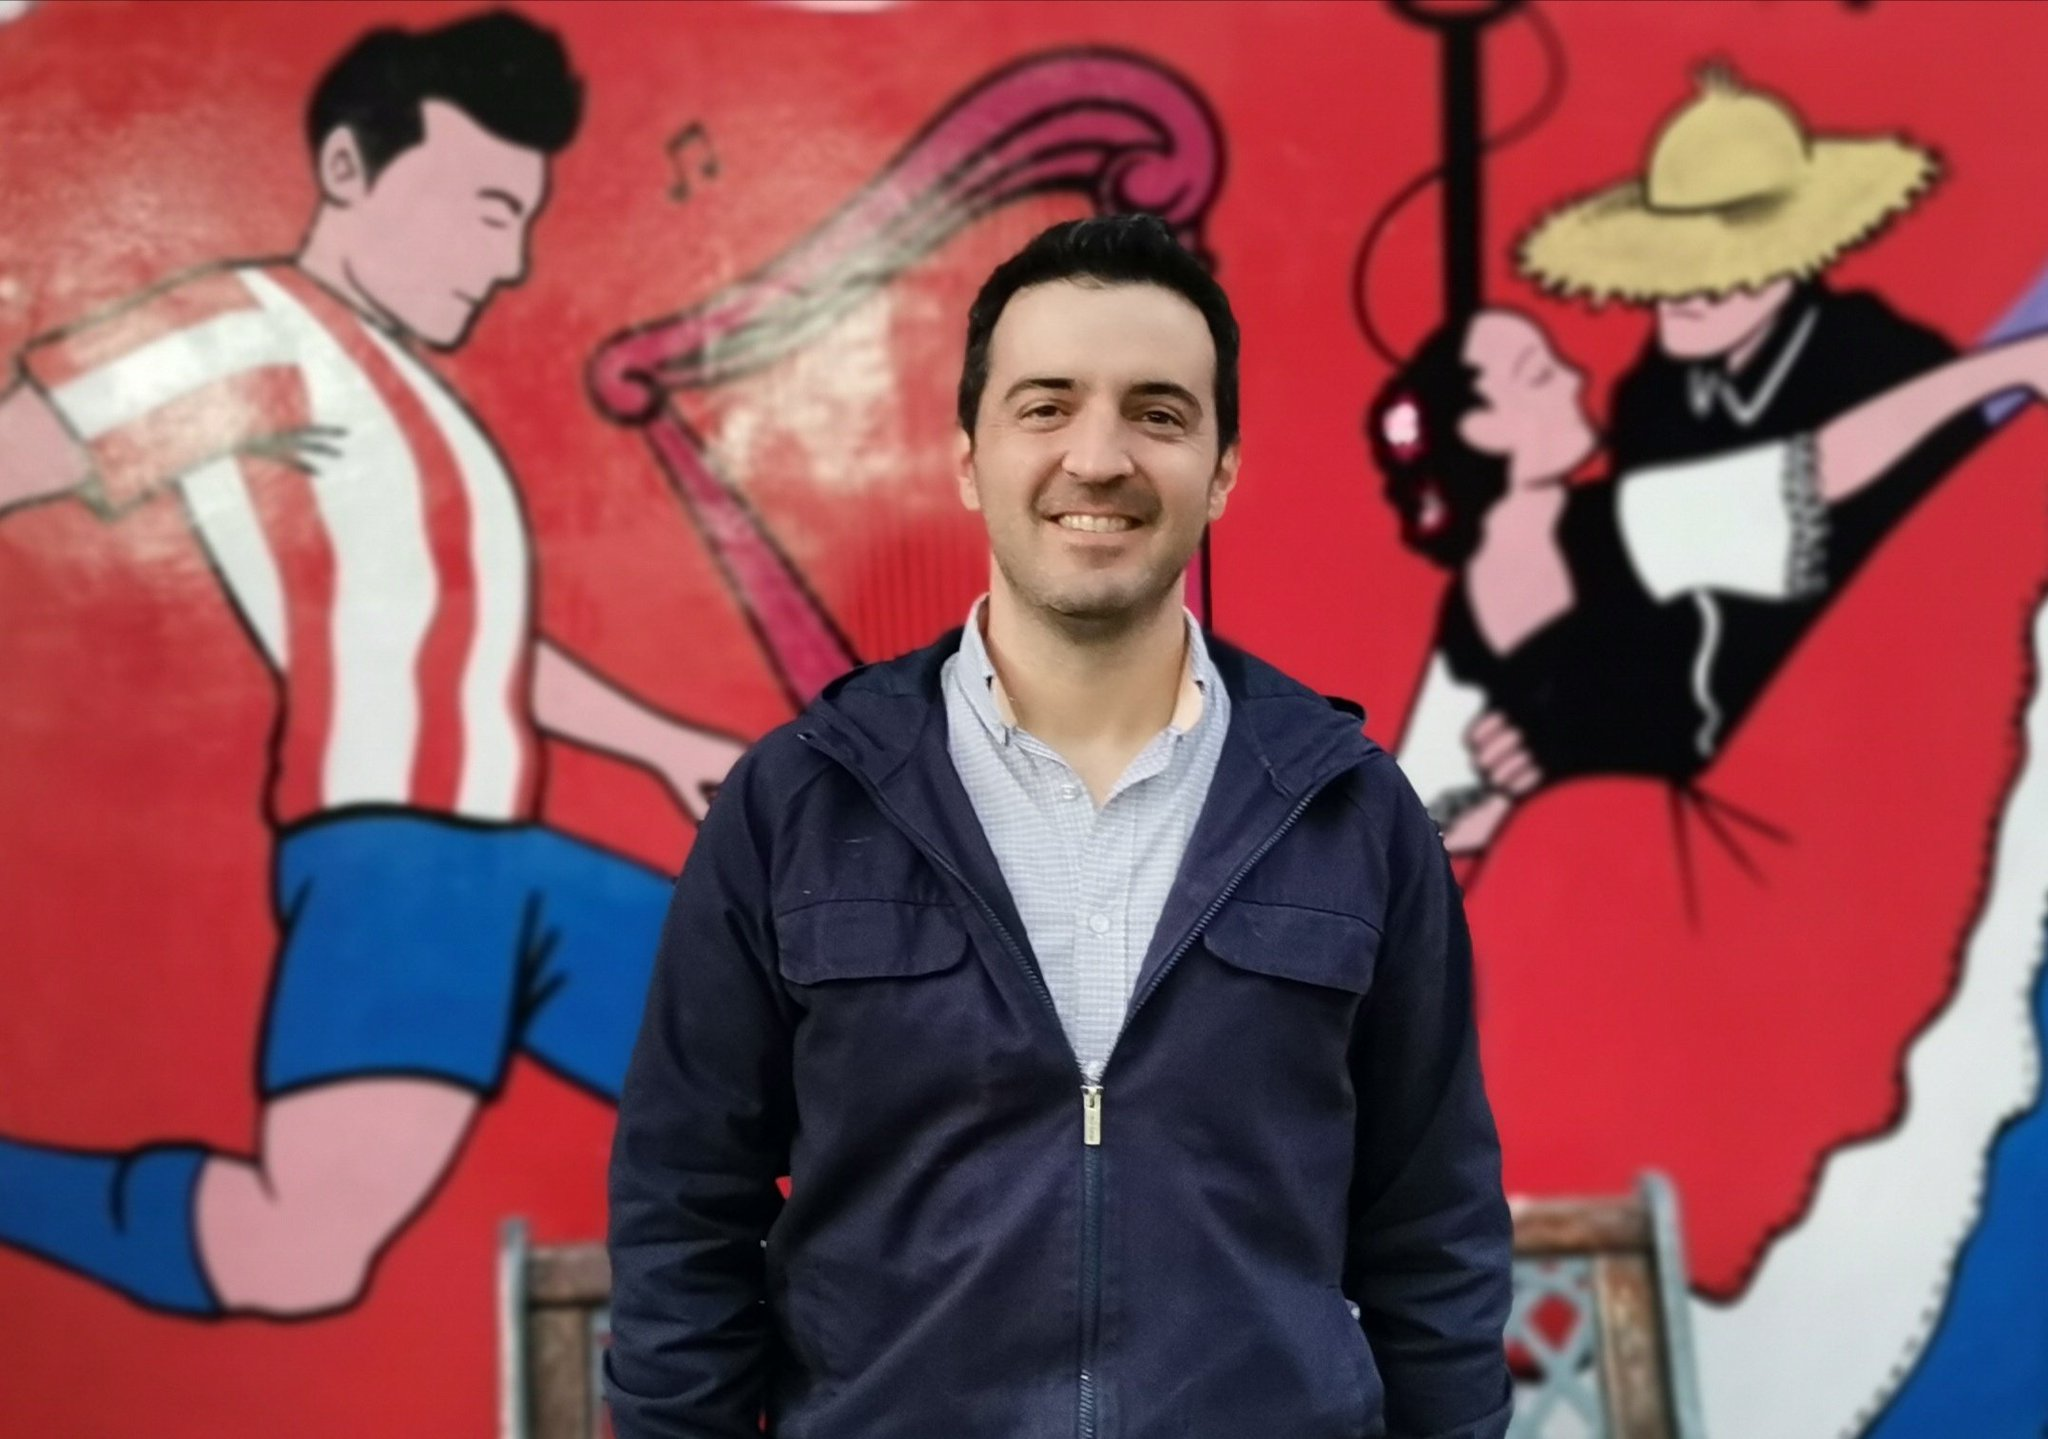 Candidato a intendente de Asunción sostiene que hay que recuperar la confianza de contribuyentes